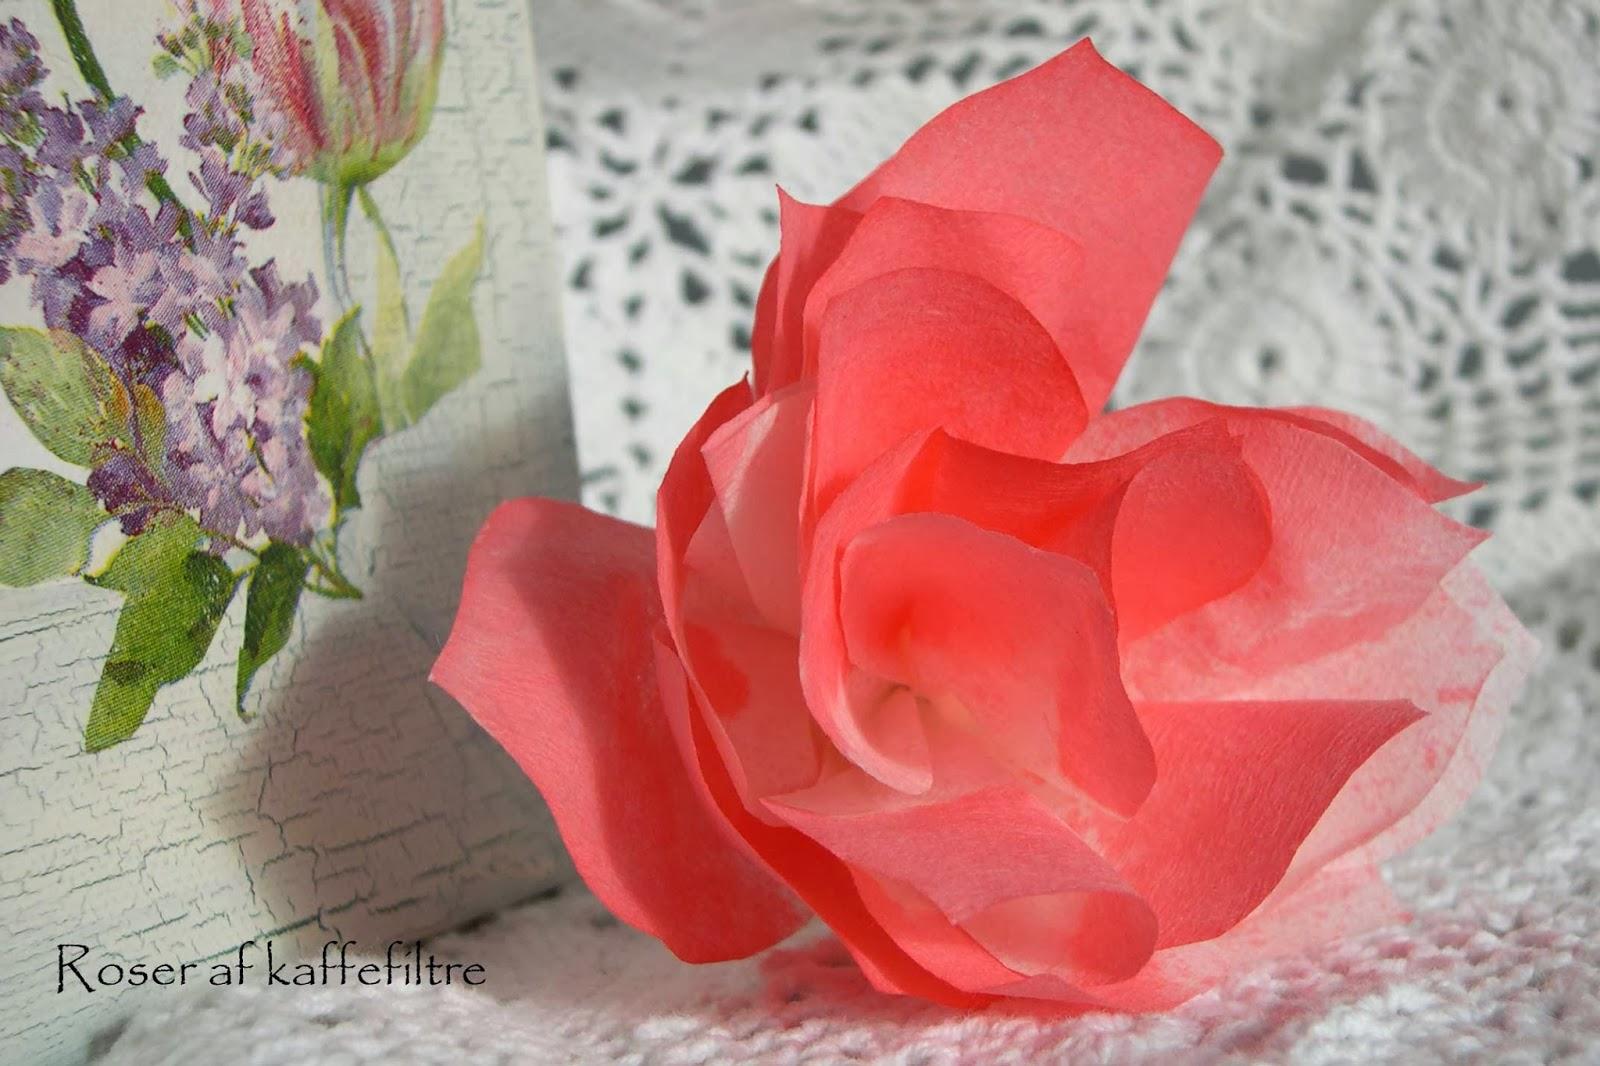 blomster lavet af kaffefiltre